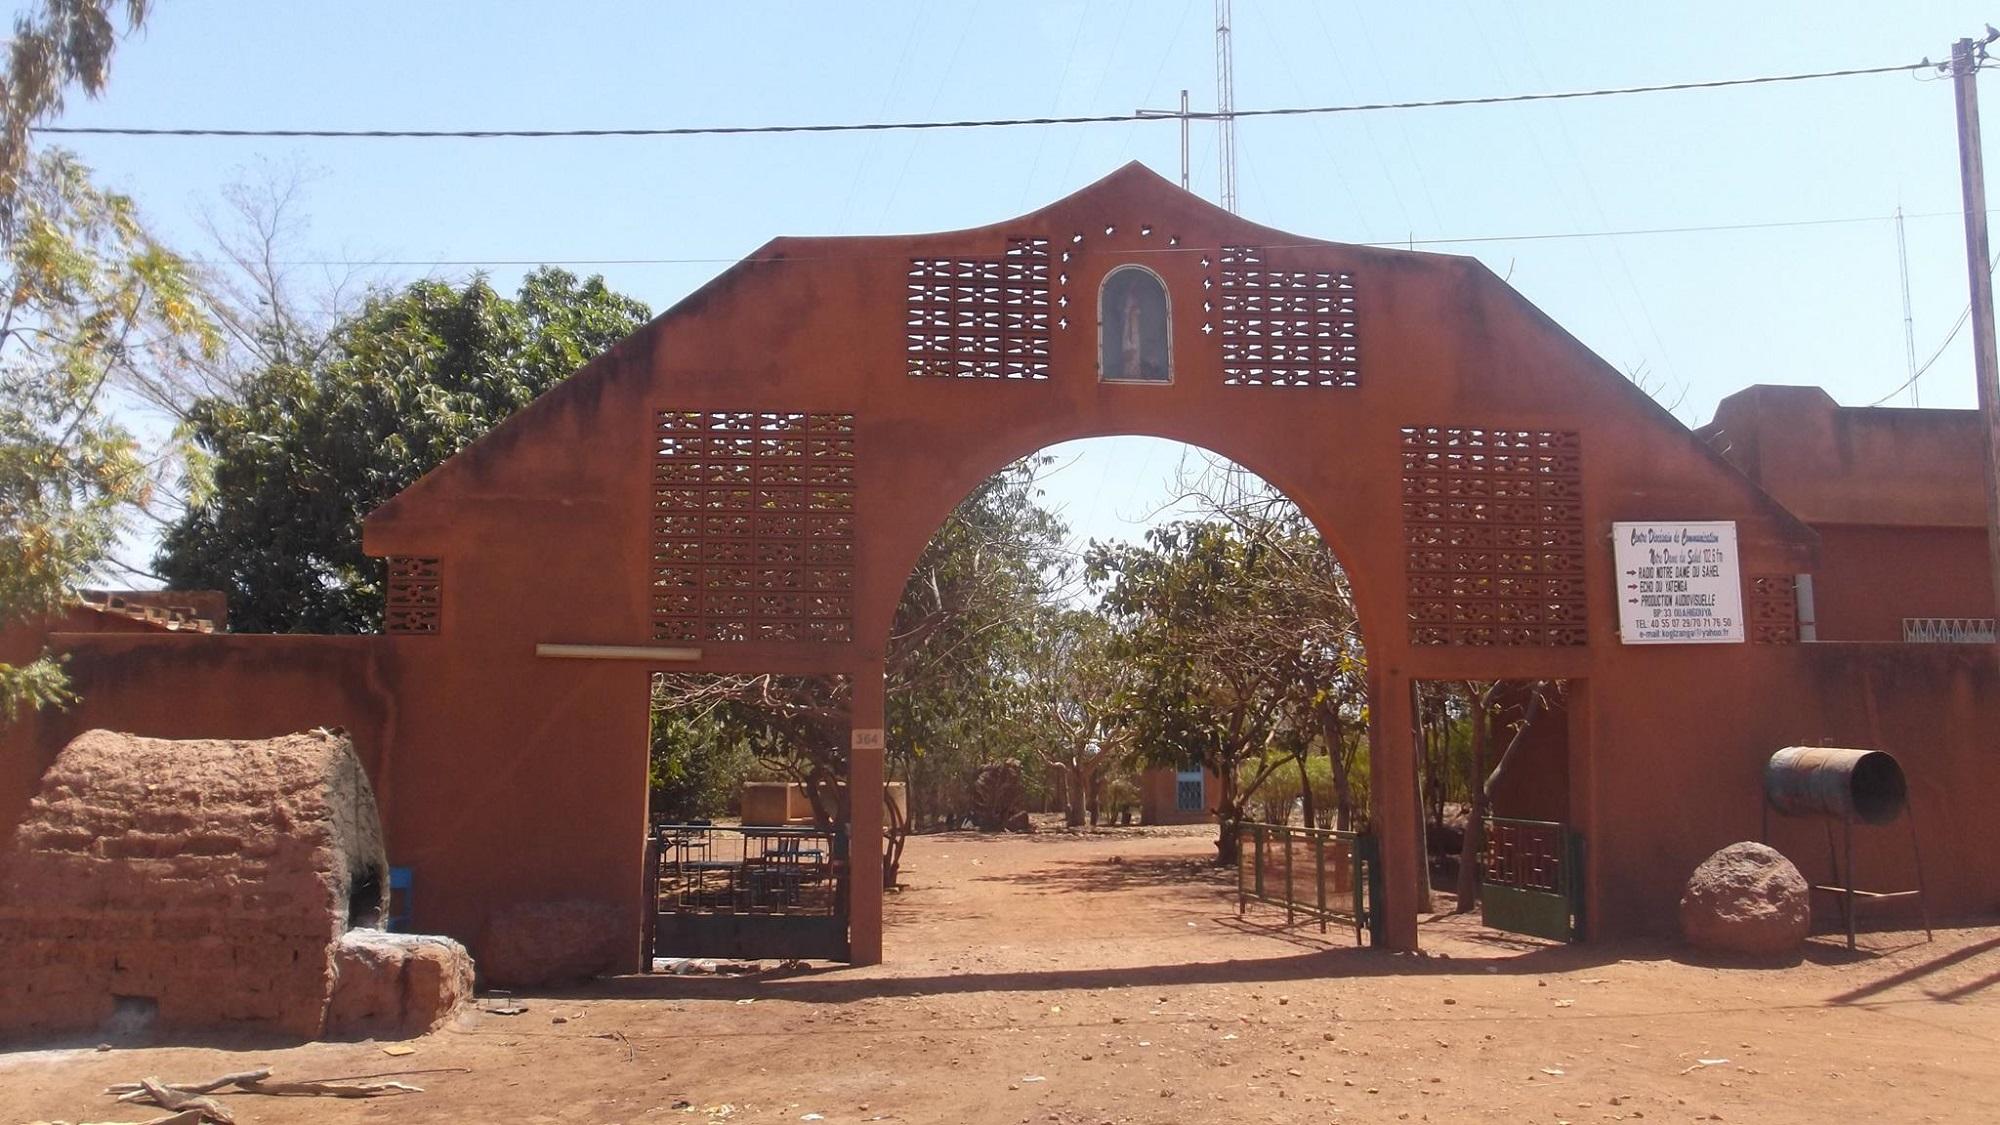 Nuovo attacco terroristico: uccisi altri quattro cristiani nella Diocesi di Ouahigouya